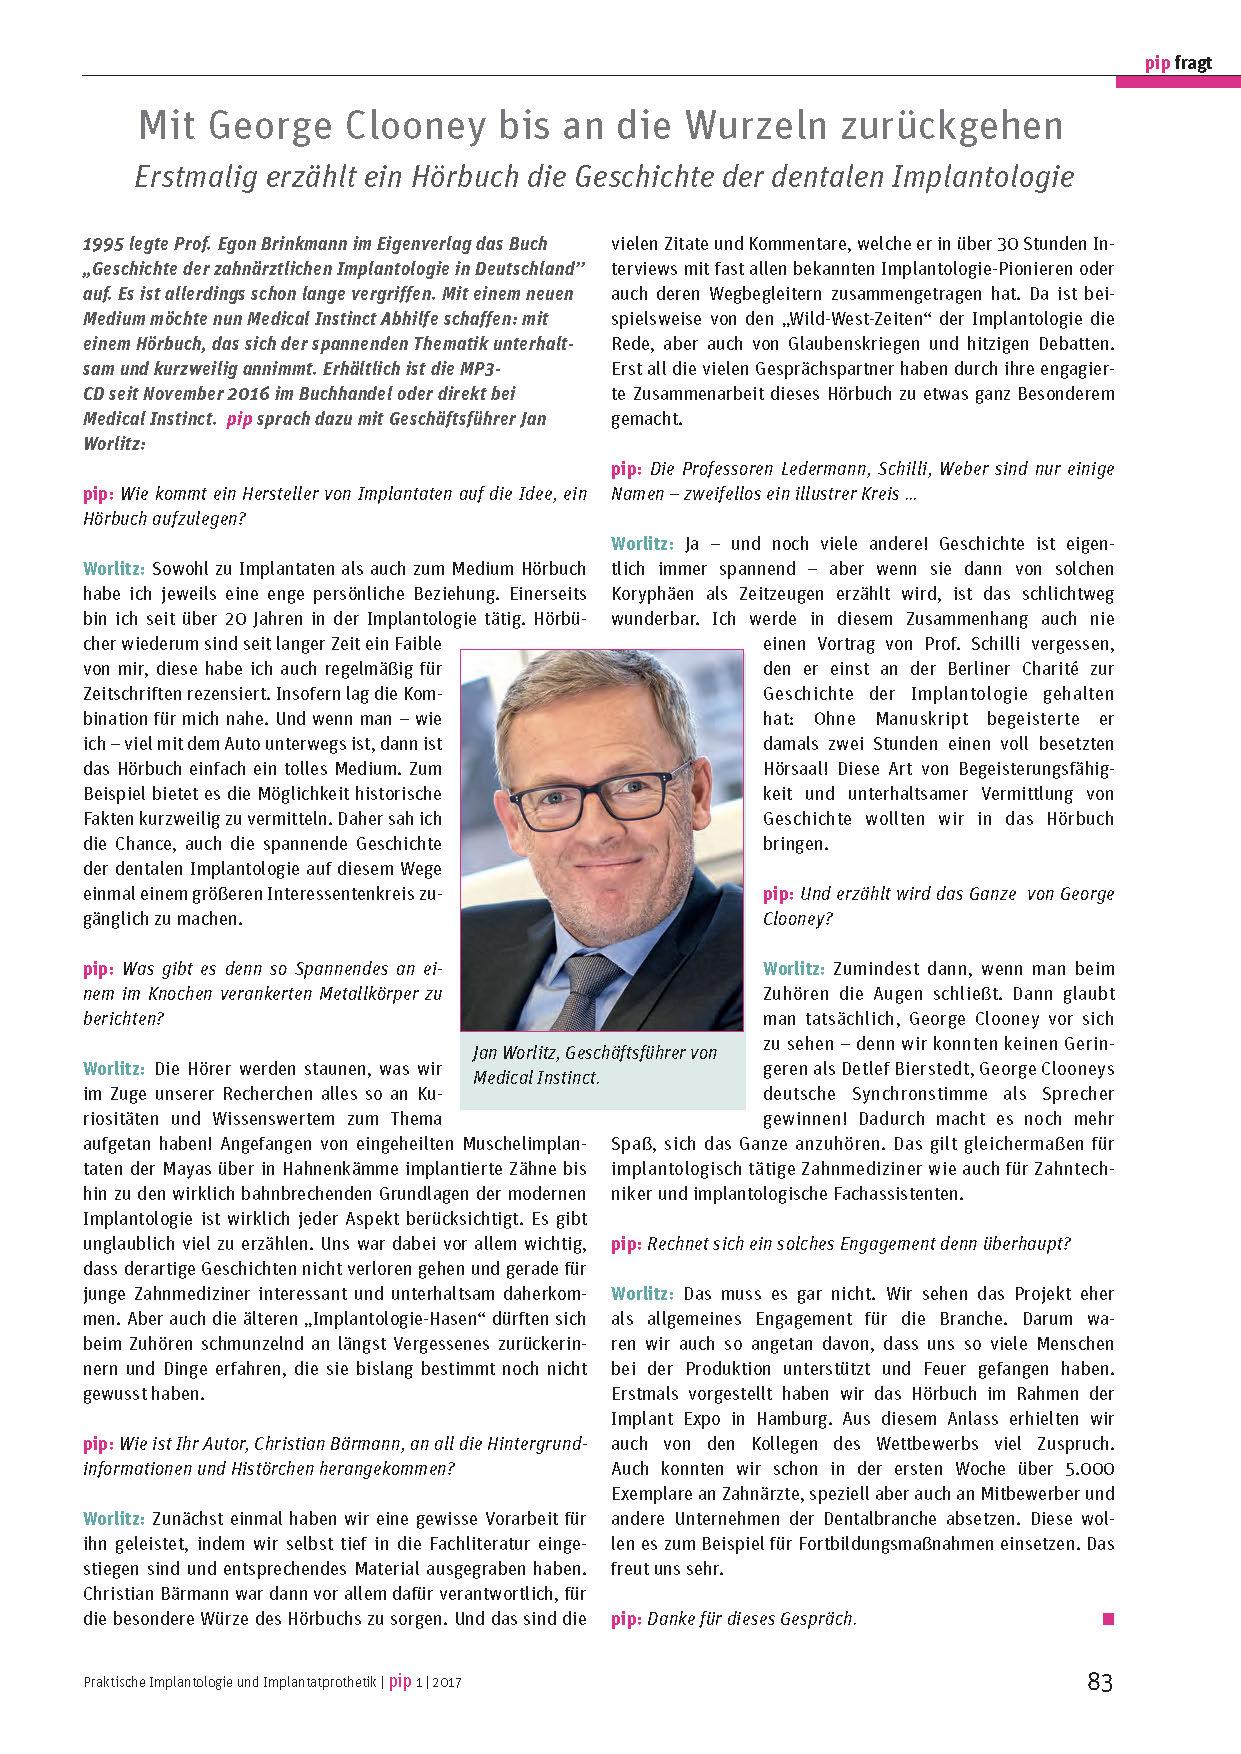 Pip Fragt Jan Worlitz - Hörbuch Die Geschichte der Implantologie